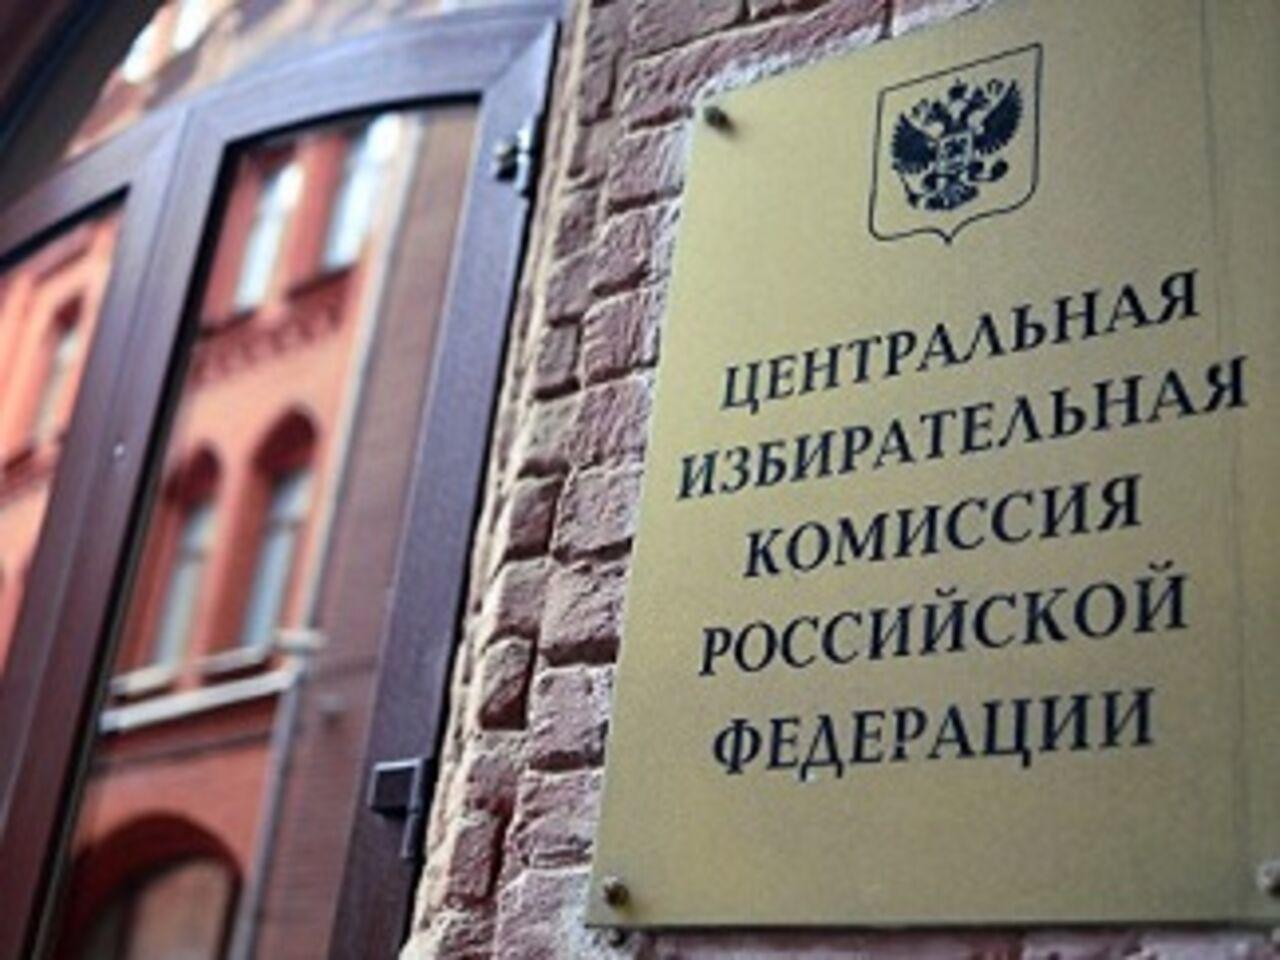 ЦИК: подавшие документы для регистрации еще несчитаются претендентами навыборах